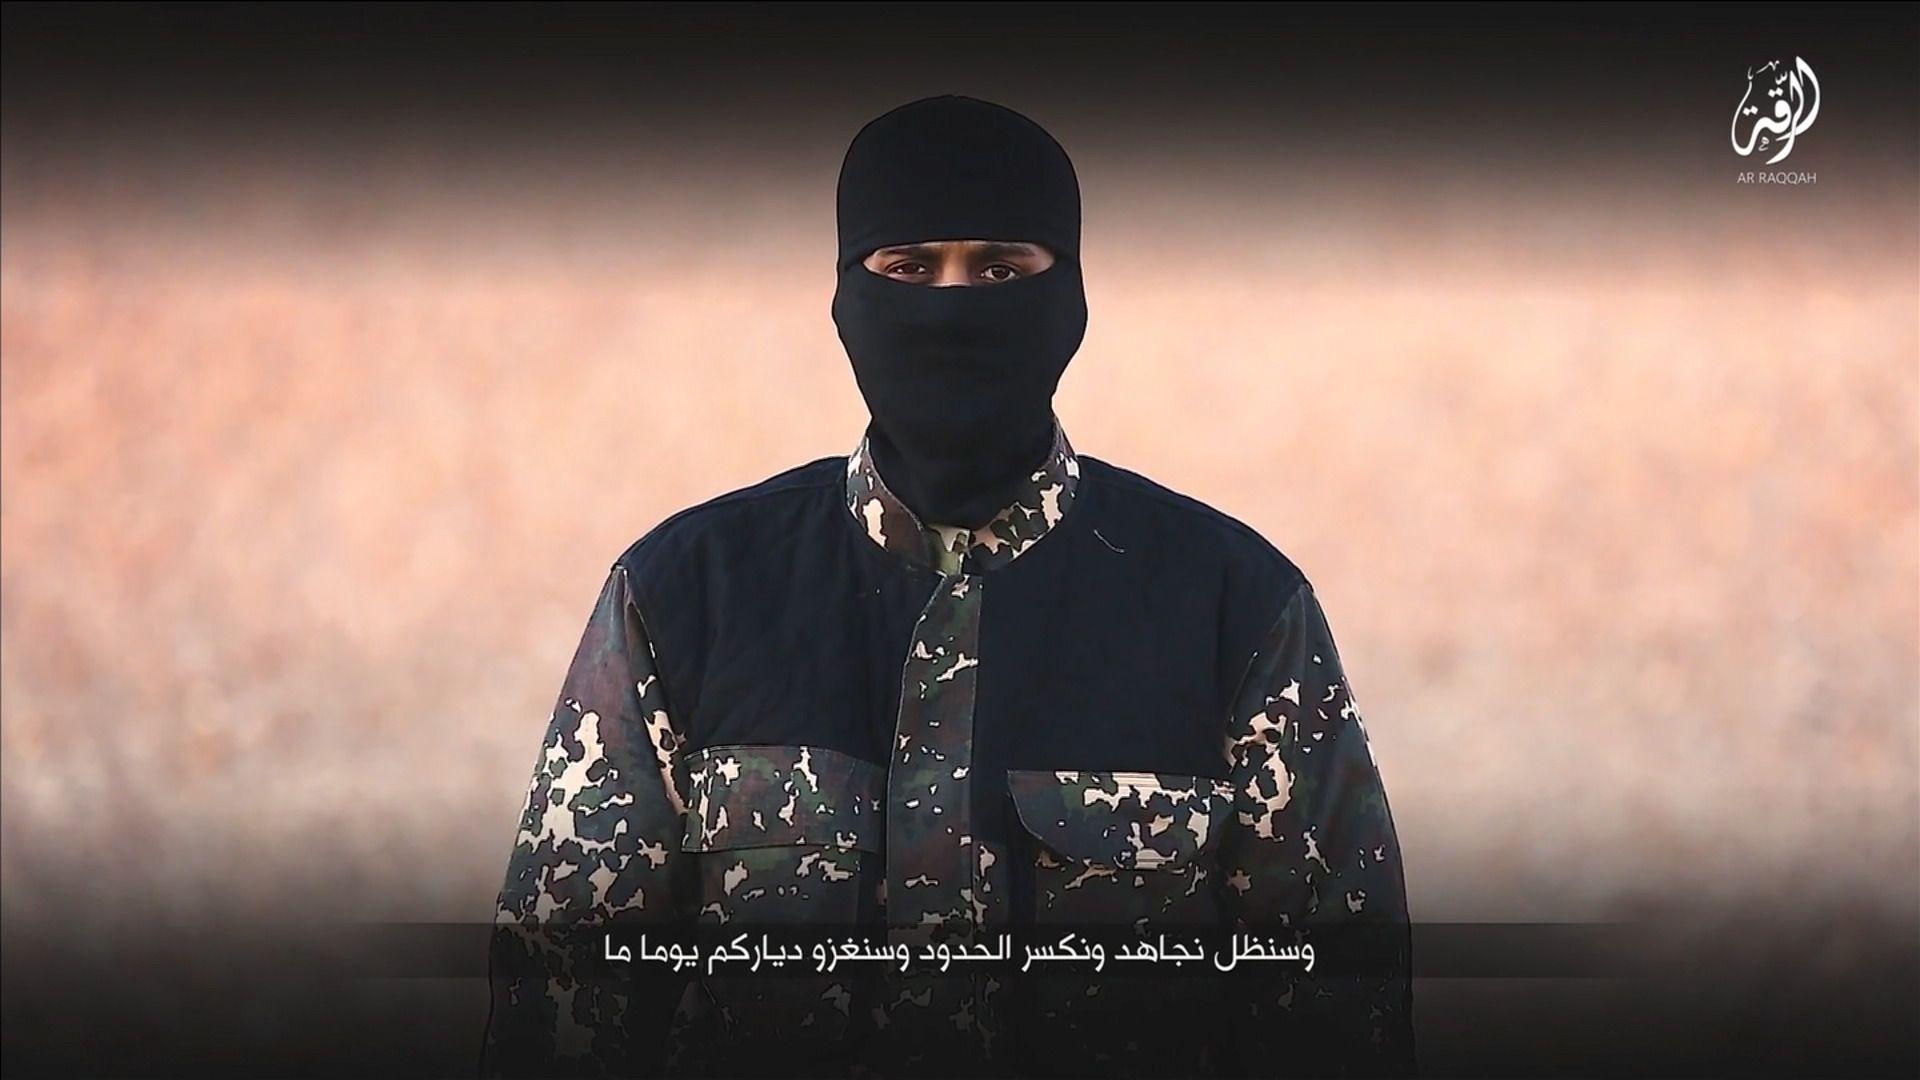 0119_ISIS_Jihadi_01